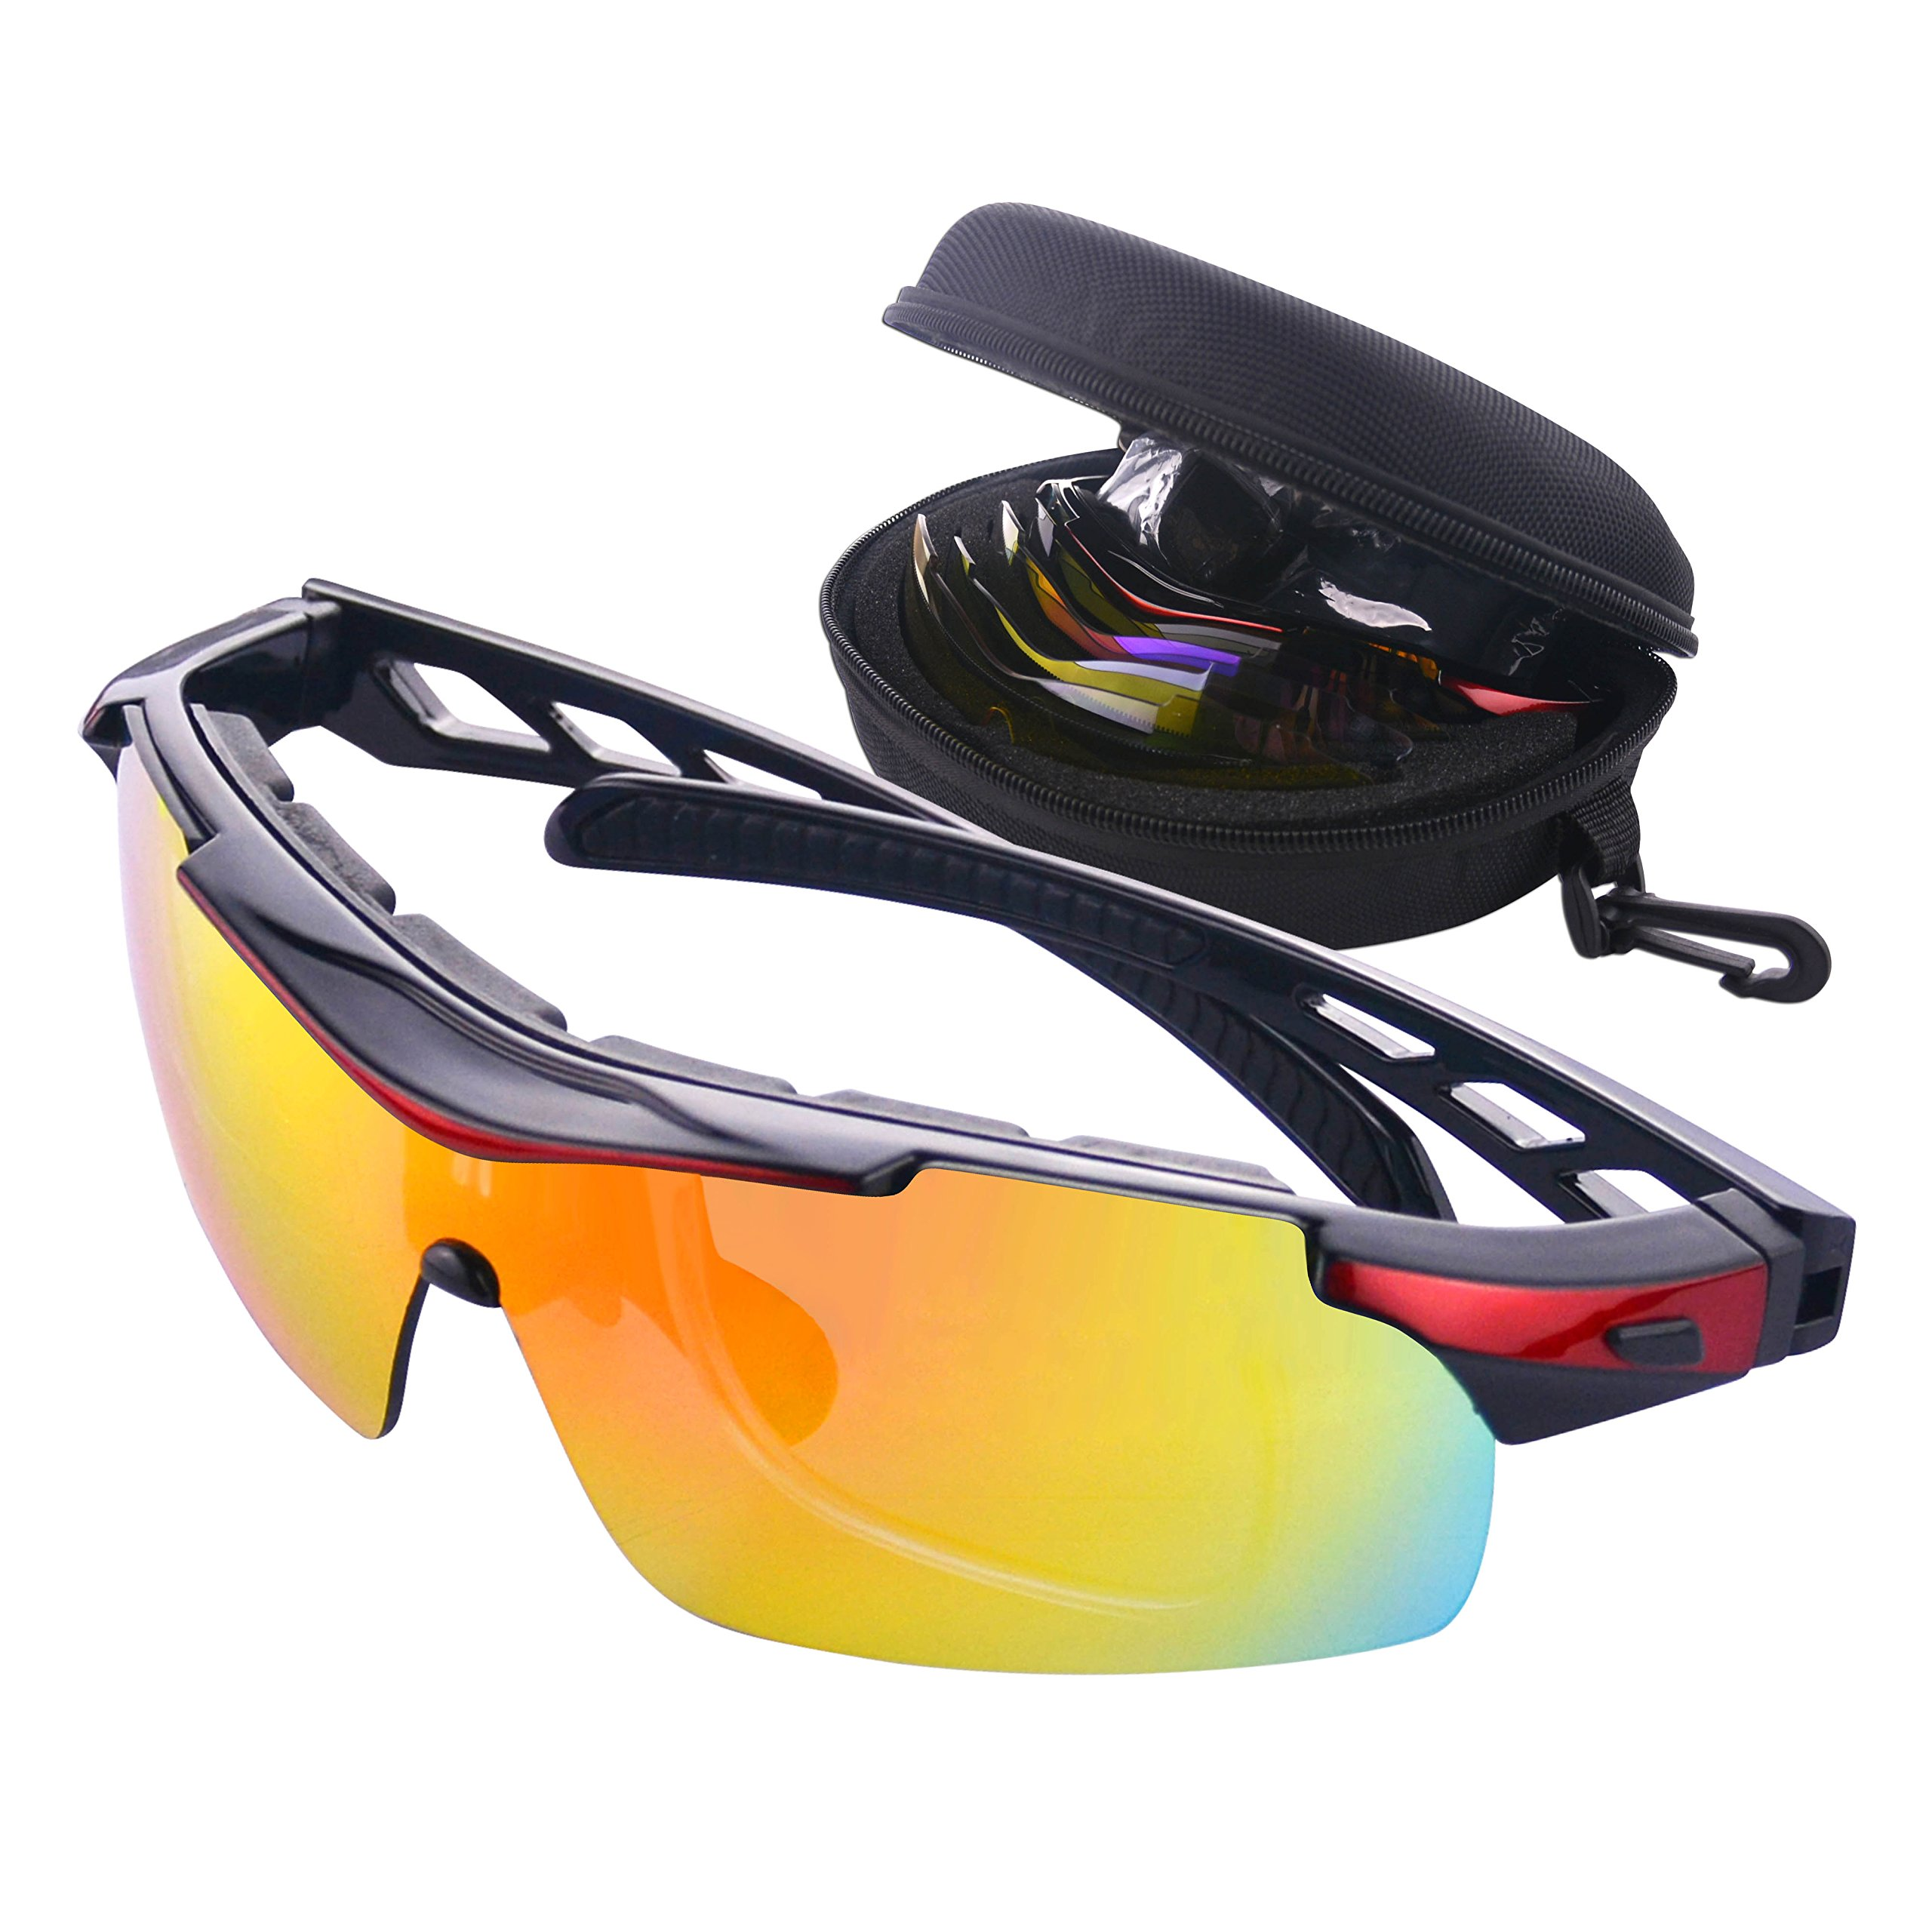 Gafas de Ciclismo Unisex Gafas de Sol de Deportivas Bici Polarizadas 5 Lentes Intercambiables para Hombre y Mujer Deporte Bicicleta Ciclismo Montaña MTB Conducir Pesca Ski Esquiar Golf Correr (Rojo): Amazon.es: Deportes